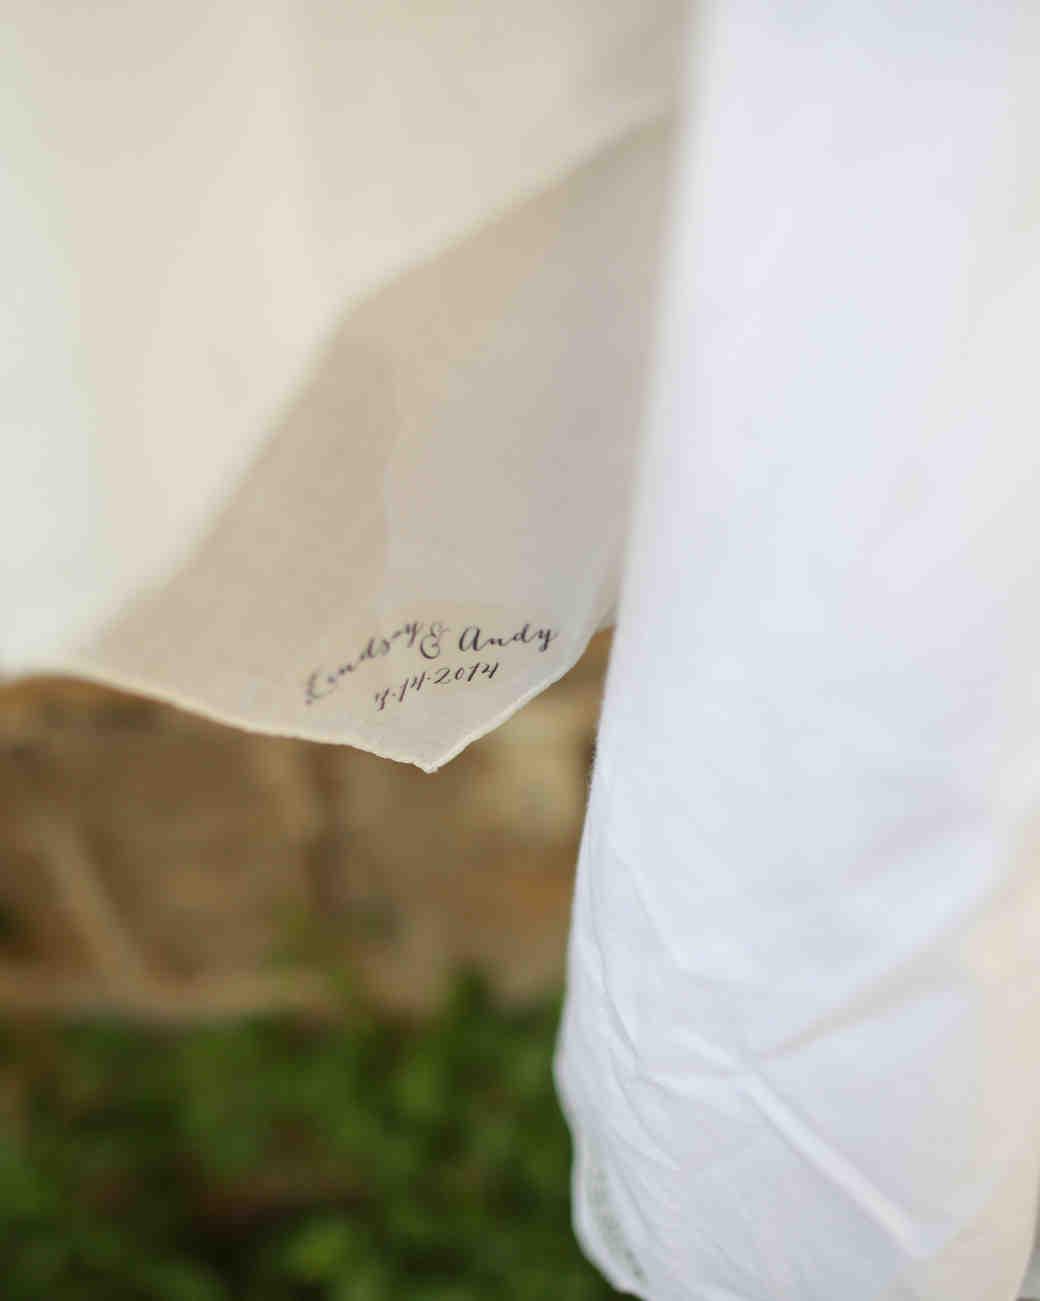 lindsay-andy-wedding-hankies-4323-s111659-1114.jpg